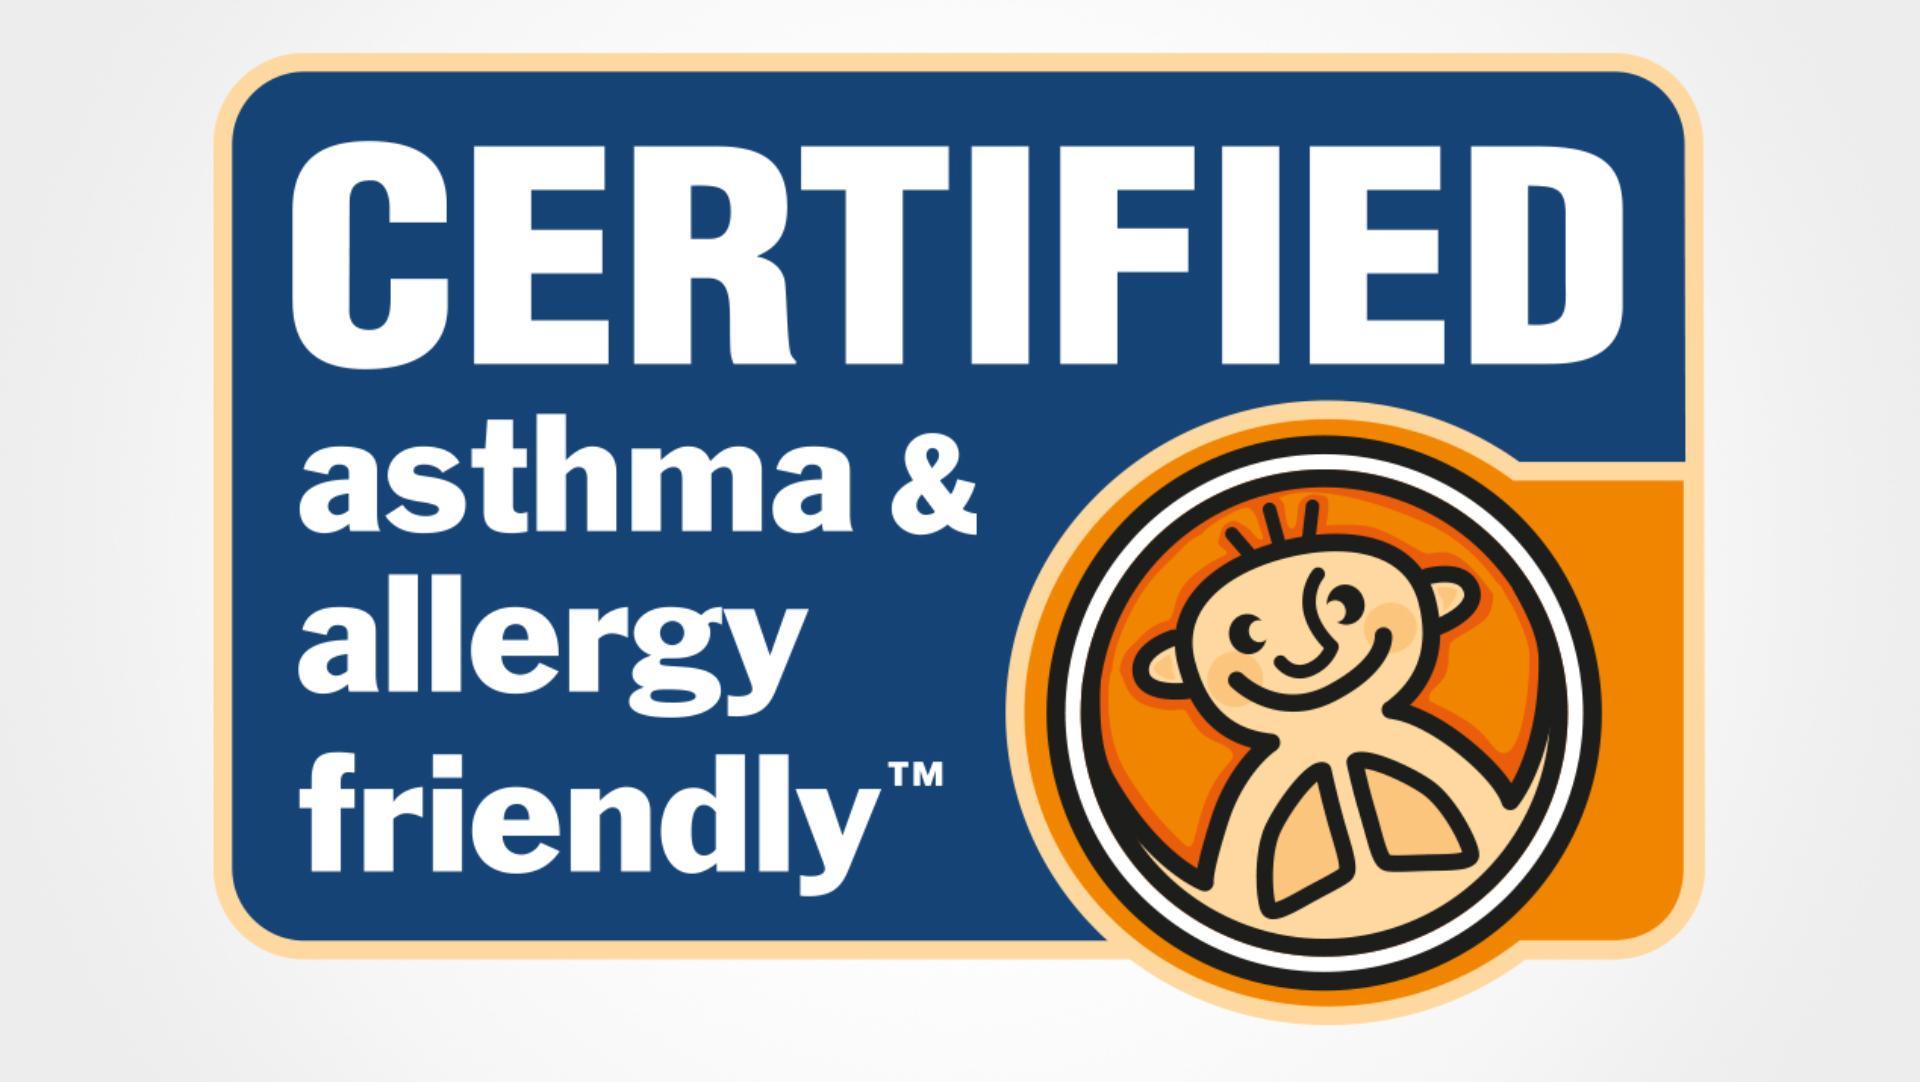 ได้รับการรับรอง Asthma and Allergy friendly™